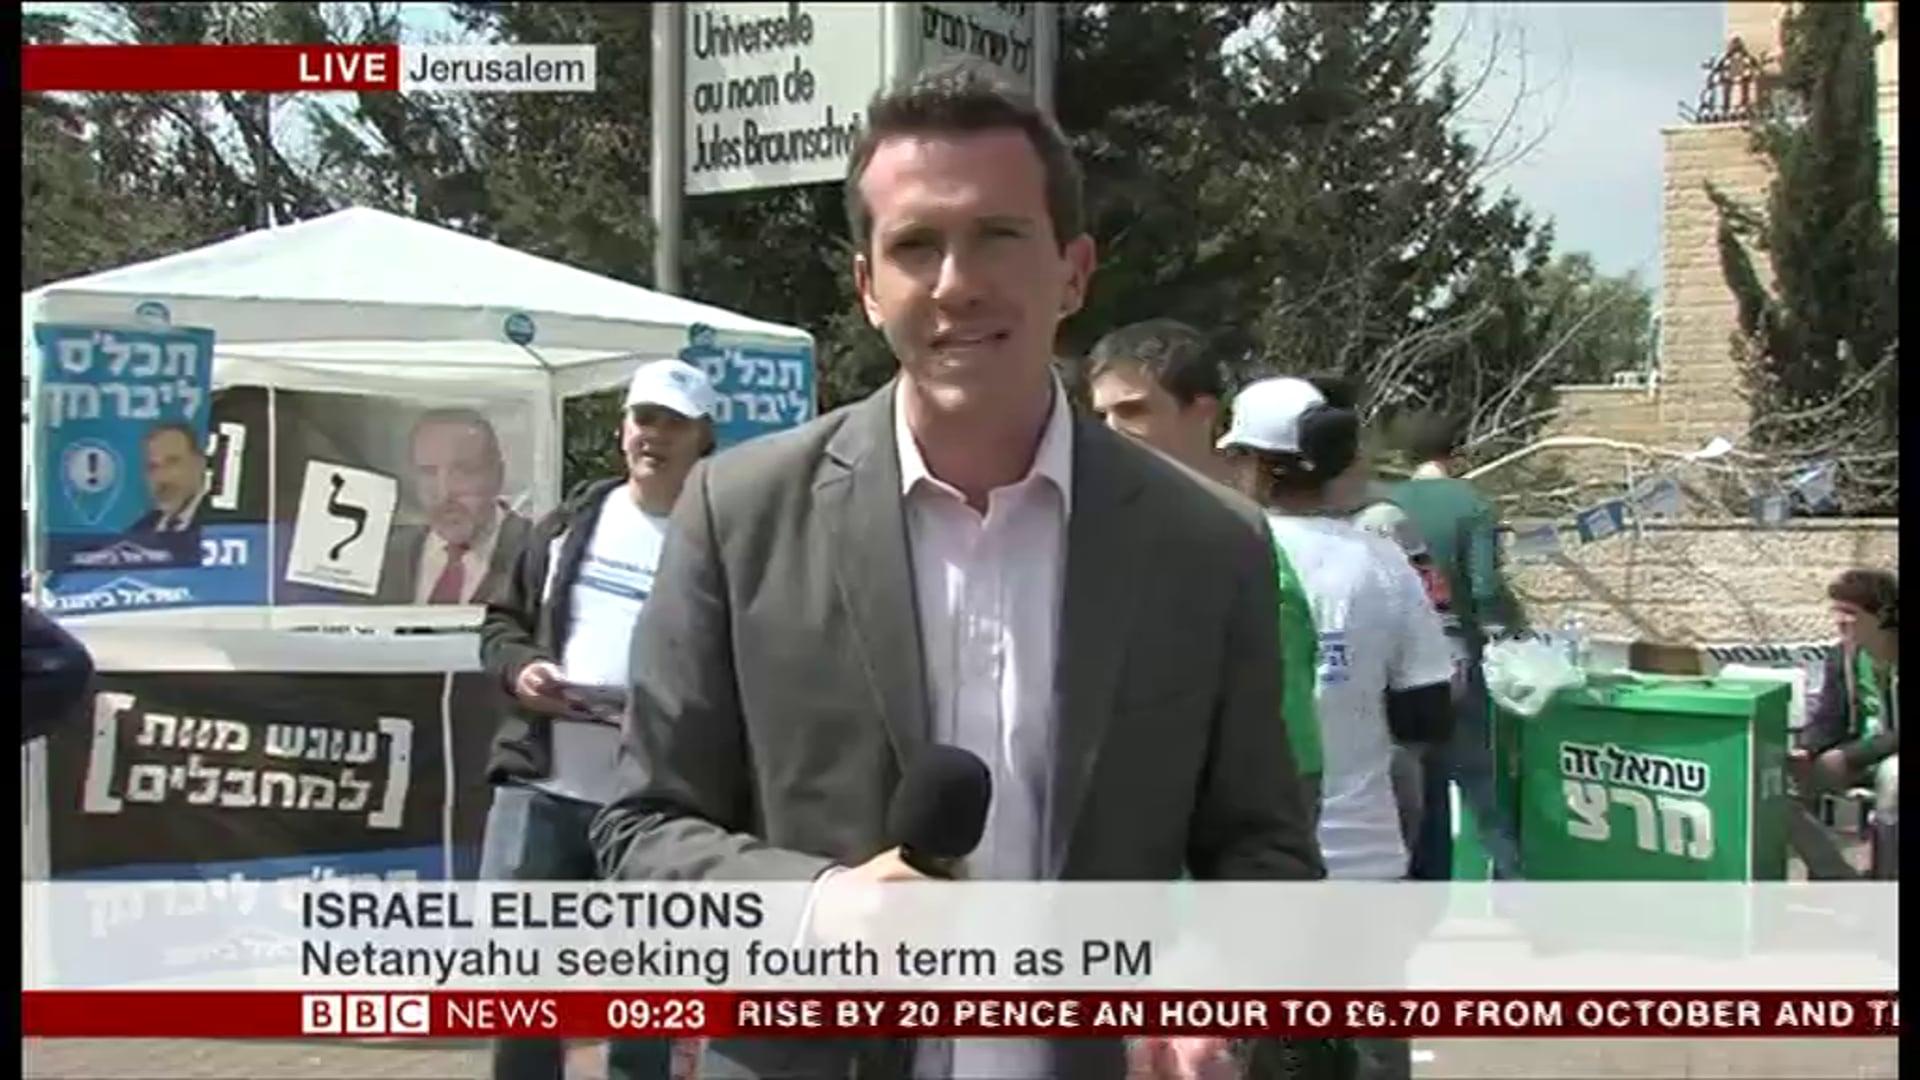 BBC News live broadcast